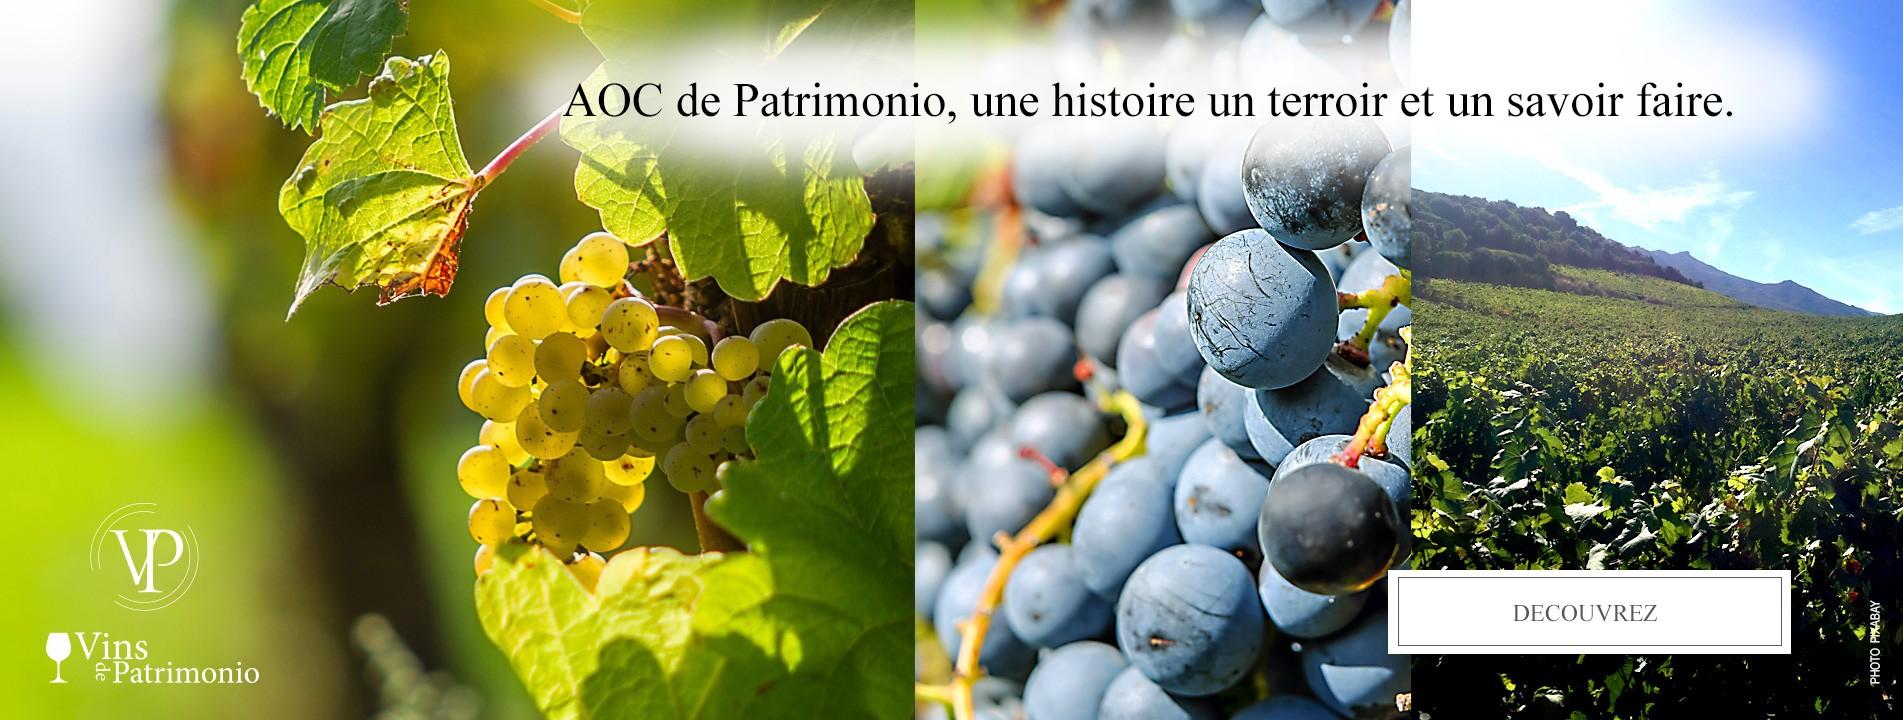 Vin-patrimonio-terroir